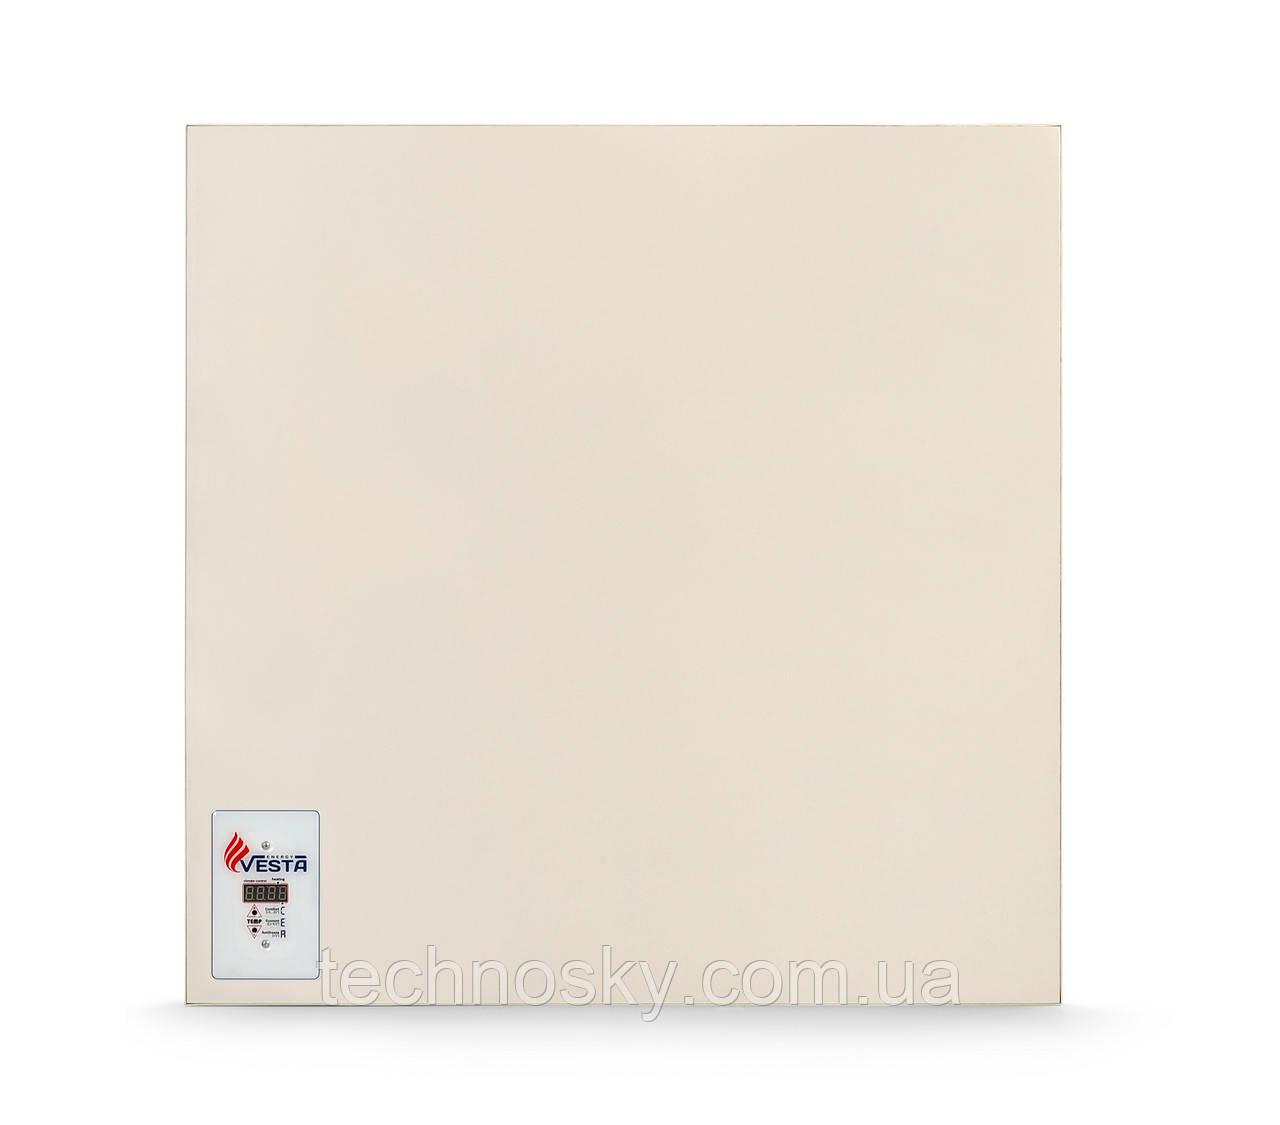 Керамический инфракрасный обогреватель VESTA PRO 500 белый